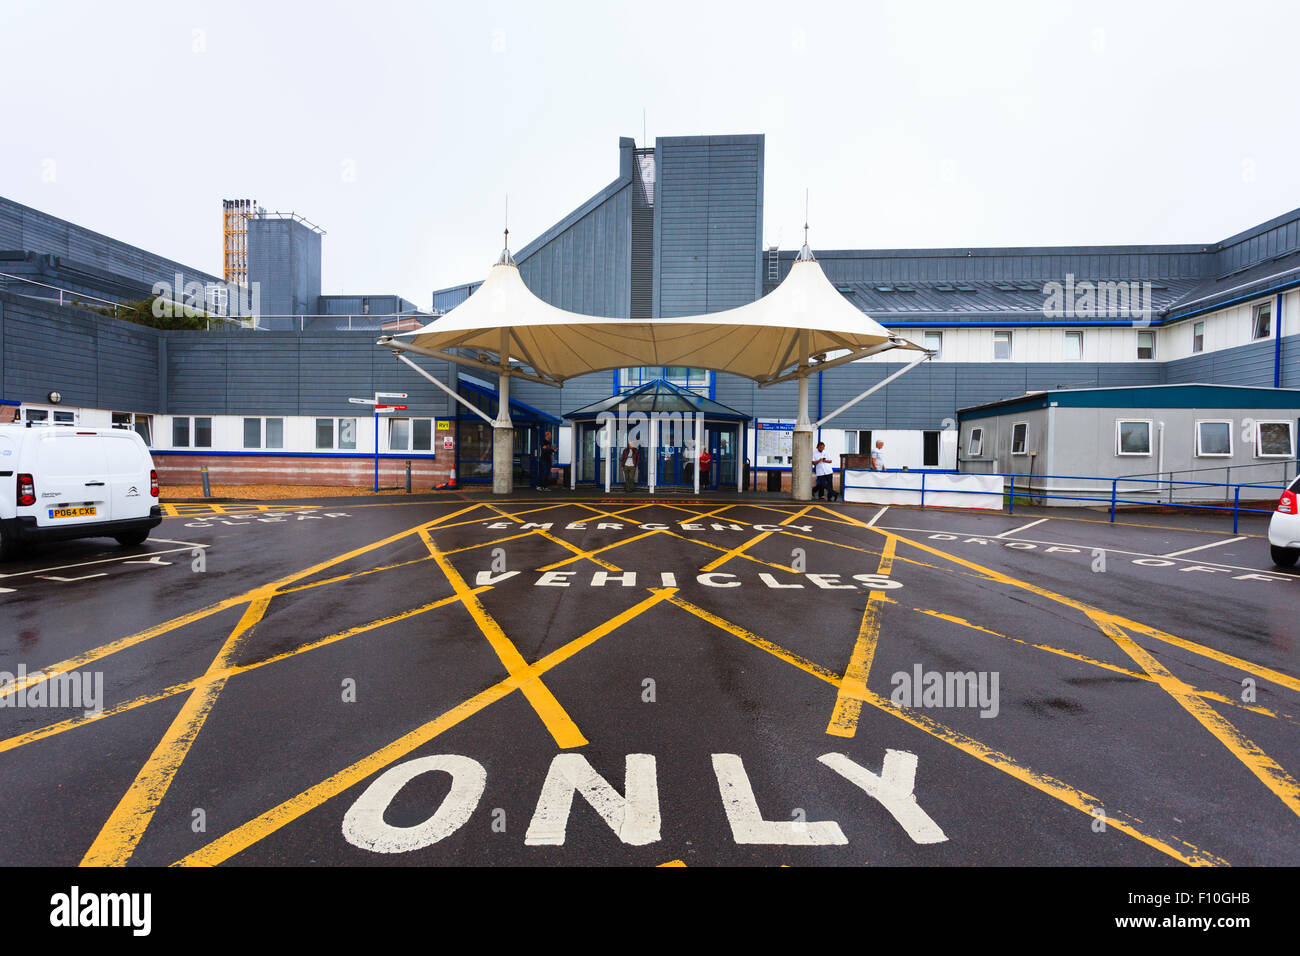 Sólo vehículos de emergencia rayado indicaciones fuera de hospital Imagen De Stock